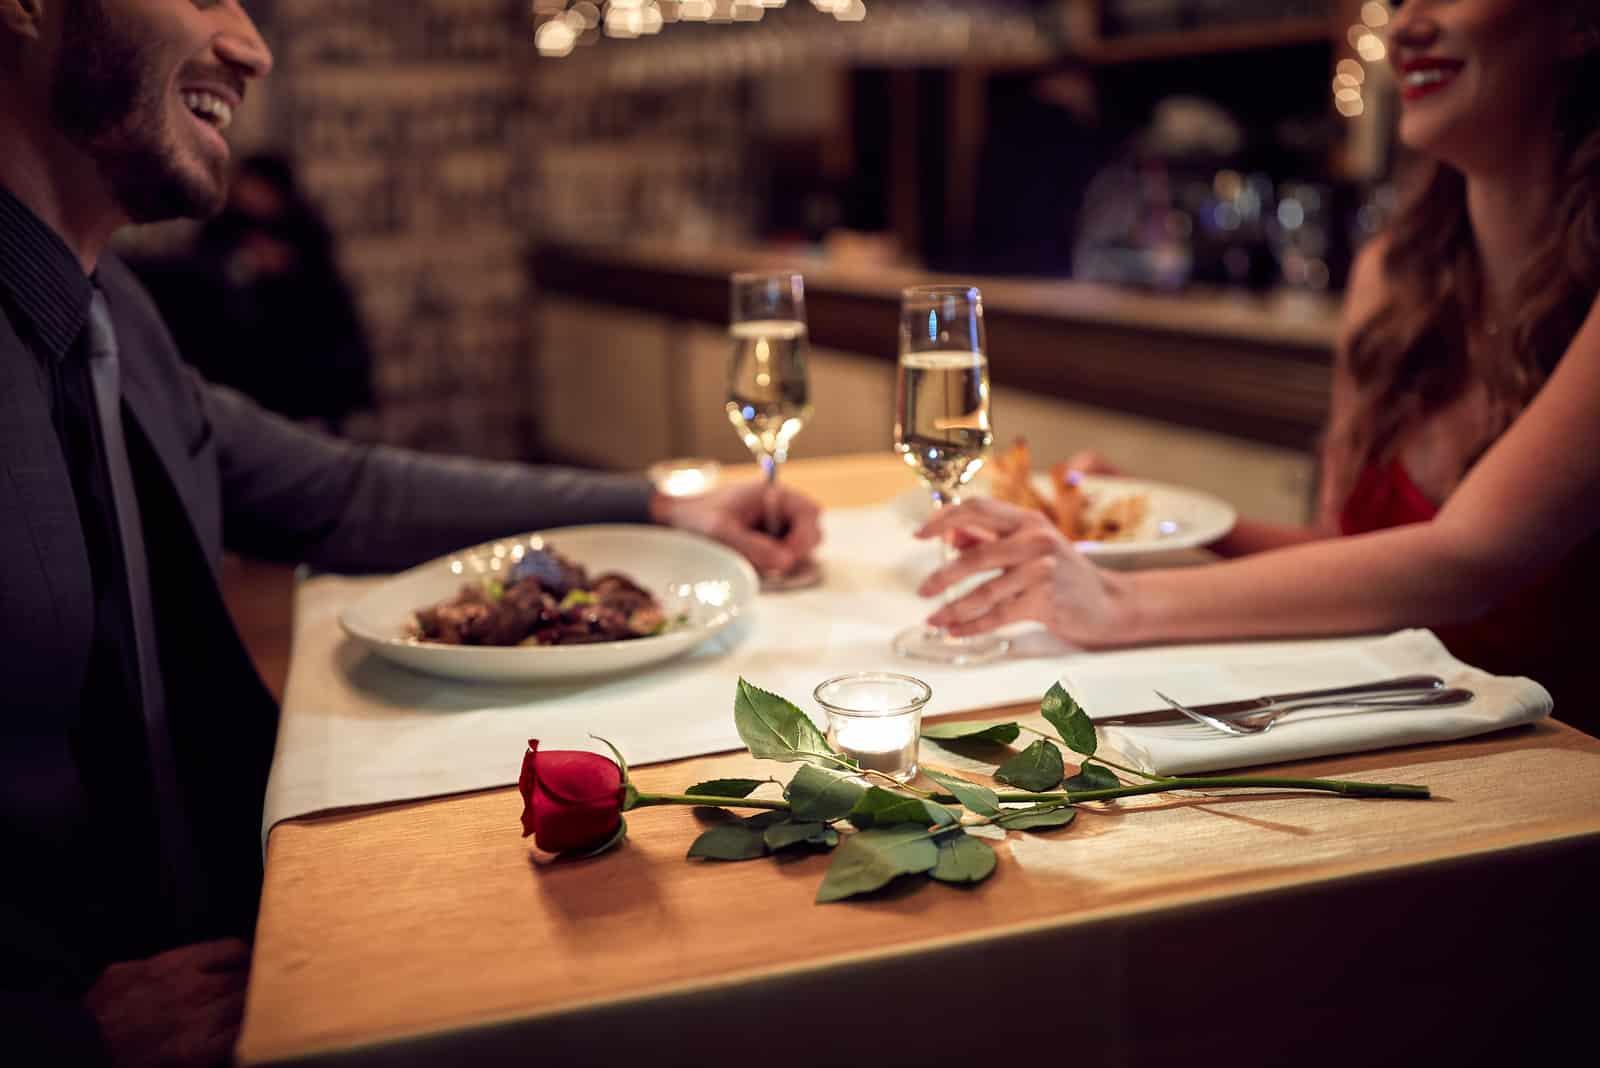 Paar haben einen romantischen Abend im Restaurant